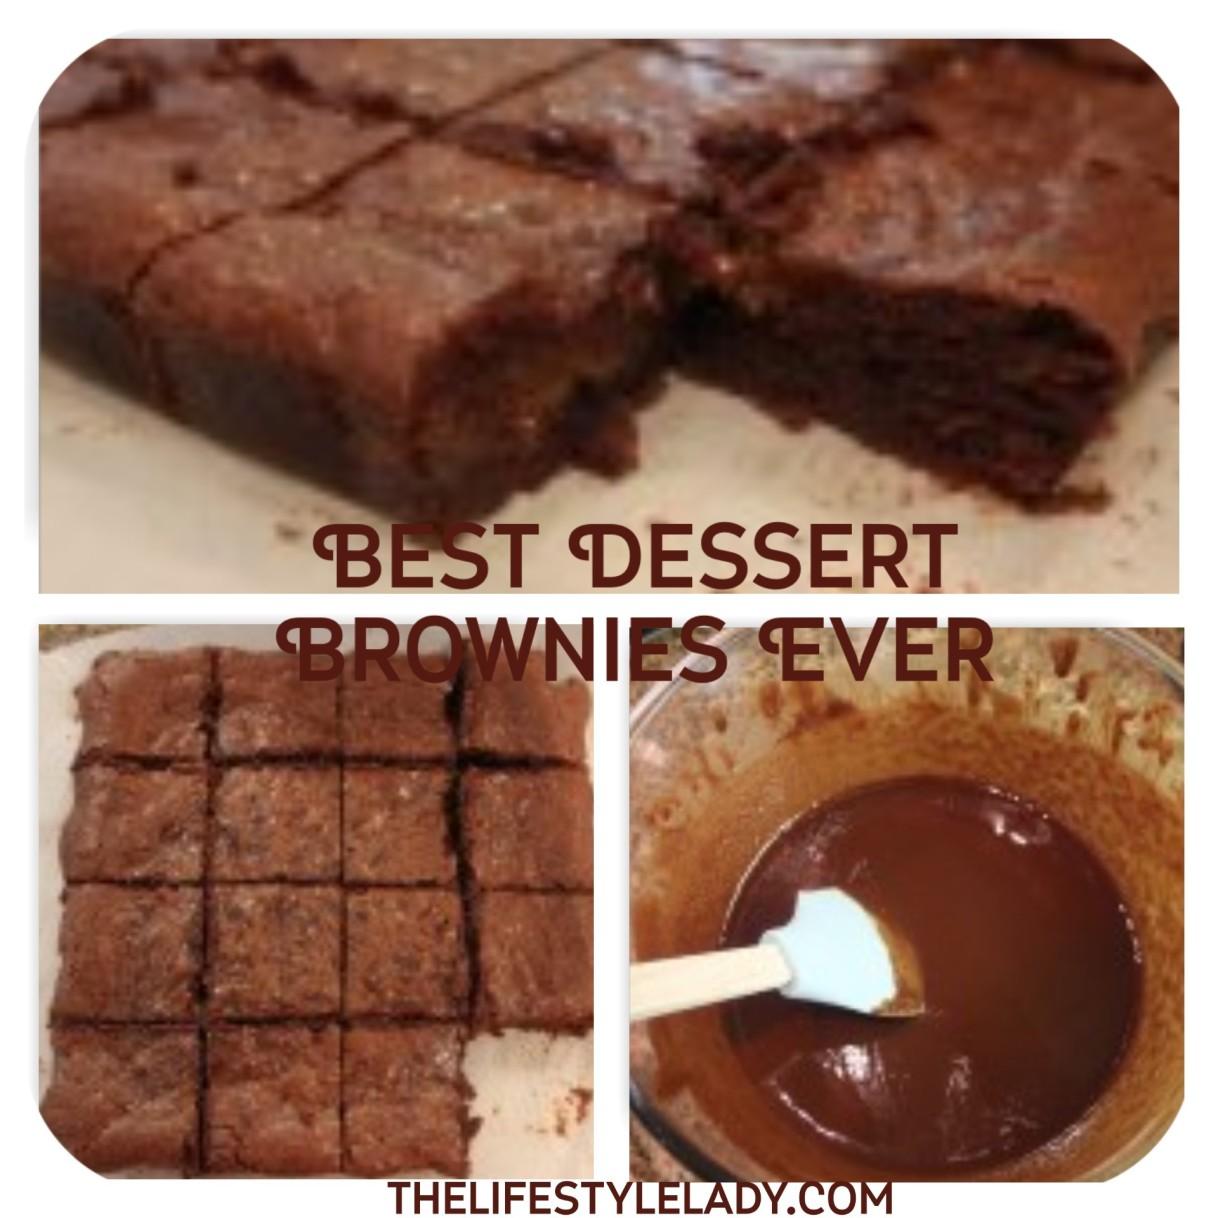 Best Dessert Brownies Ever-FACT!